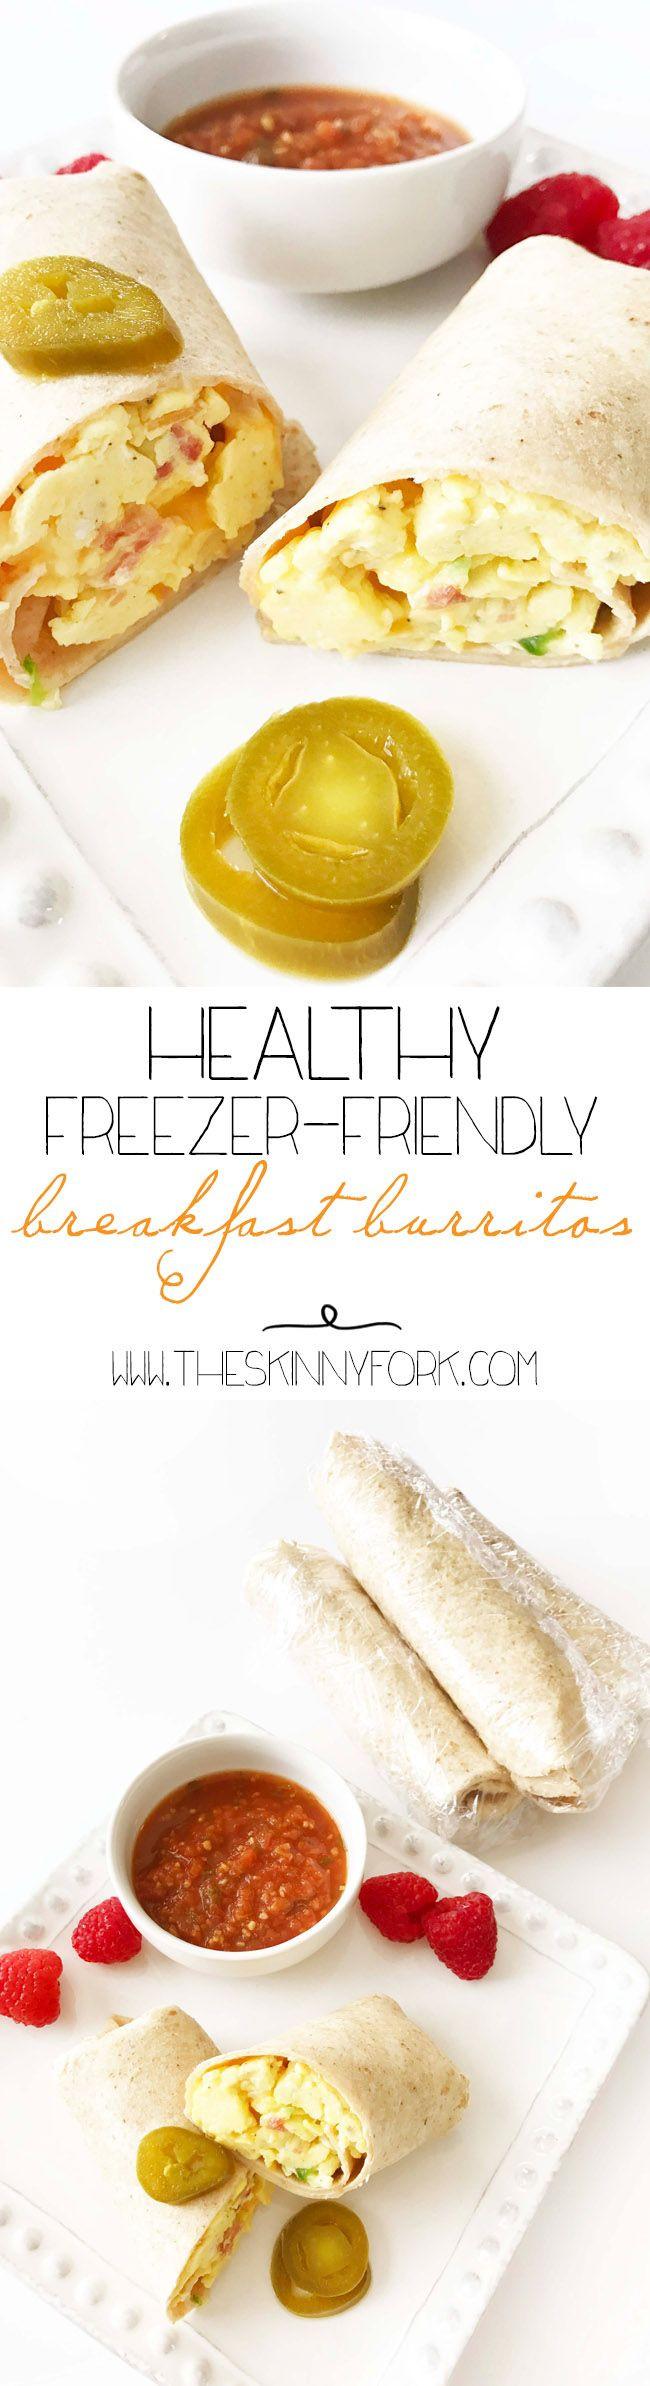 Healthy Breakfast Burrito Meal Prep  Best 25 Healthy breakfast burritos ideas on Pinterest